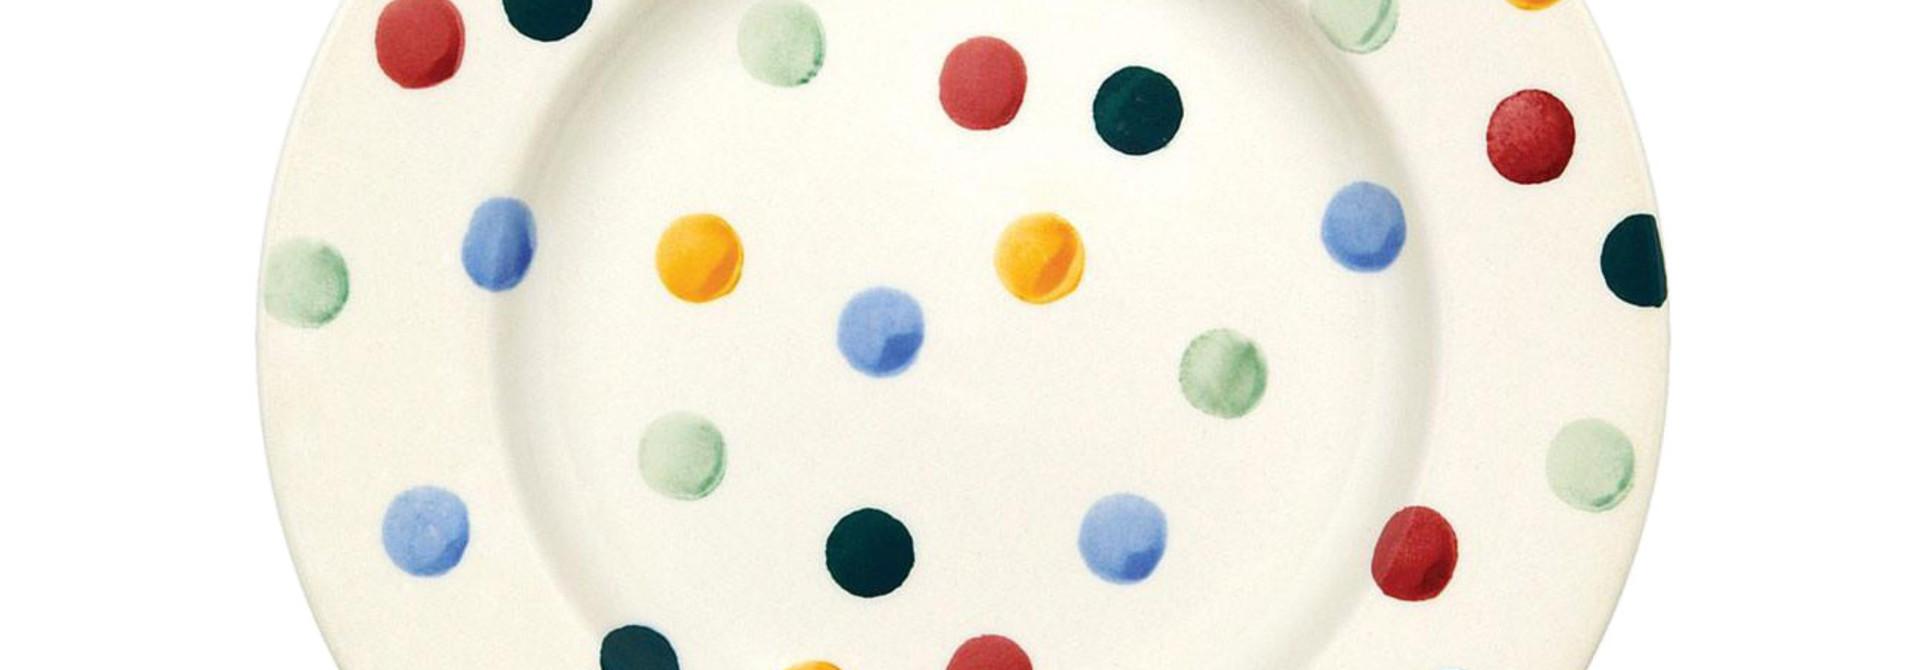 Salad Plate - Polka Dot